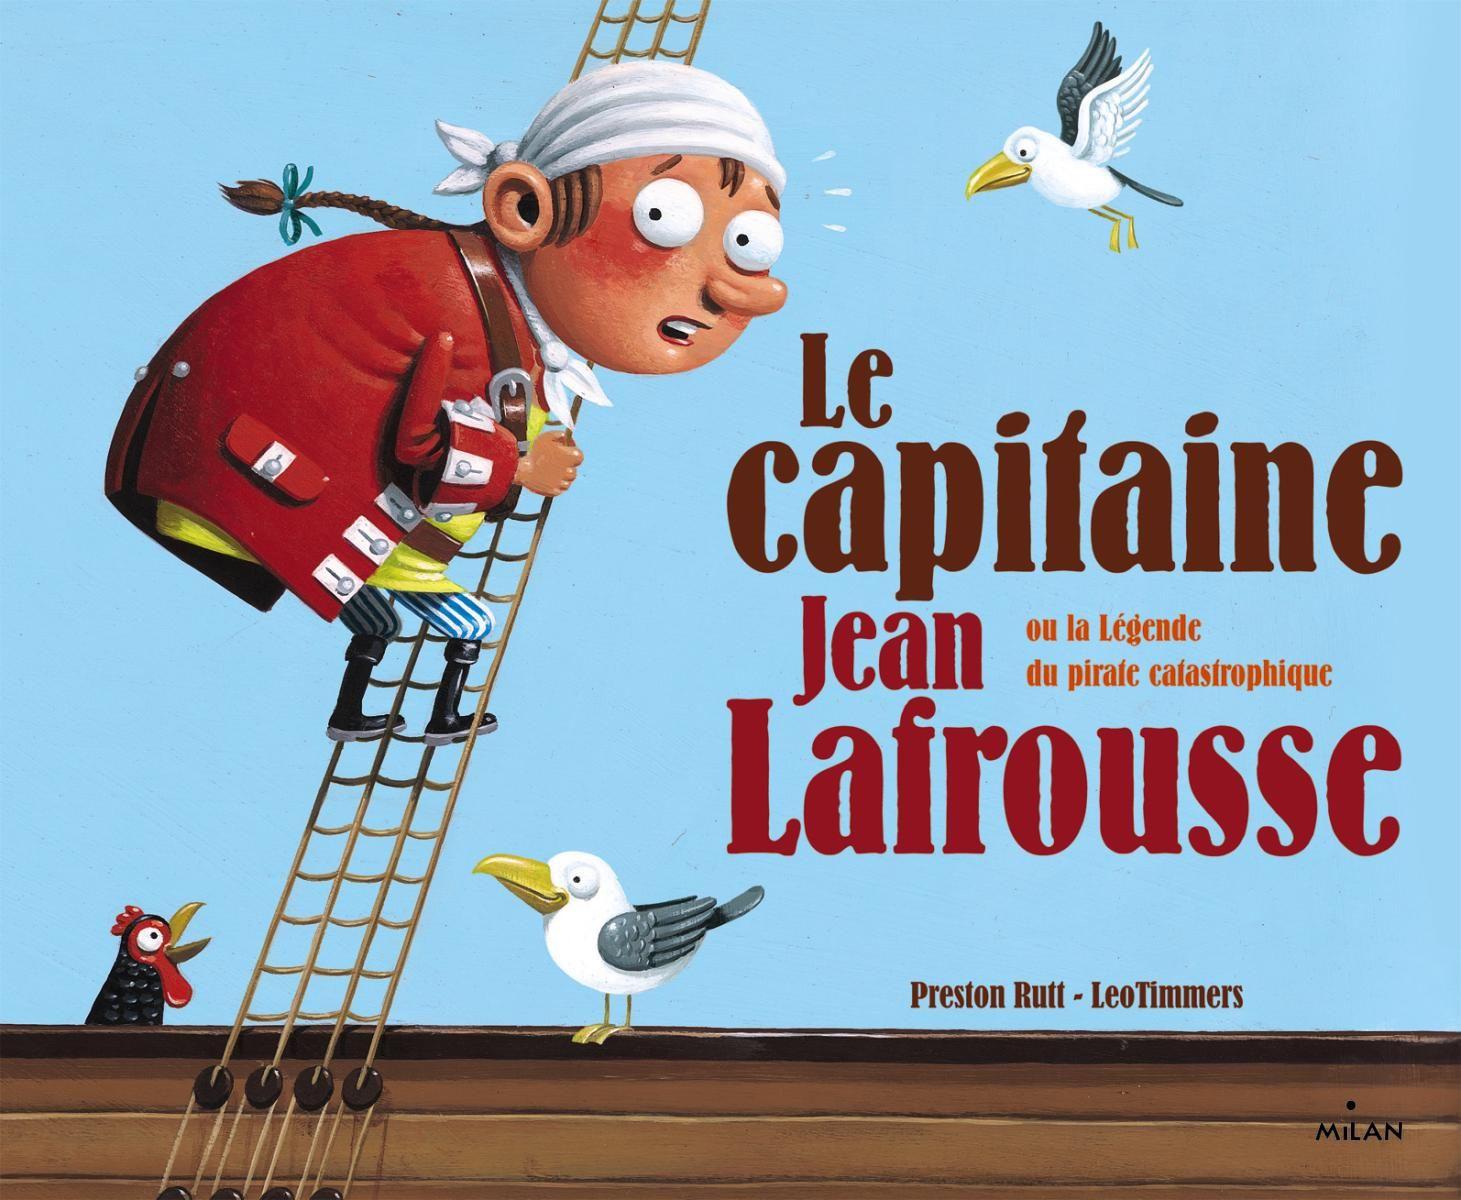 Le Capitaine Jean Lafrousse En 2020 | Livre Jeunesse, Barbe concernant Histoires De Pirates Gratuit